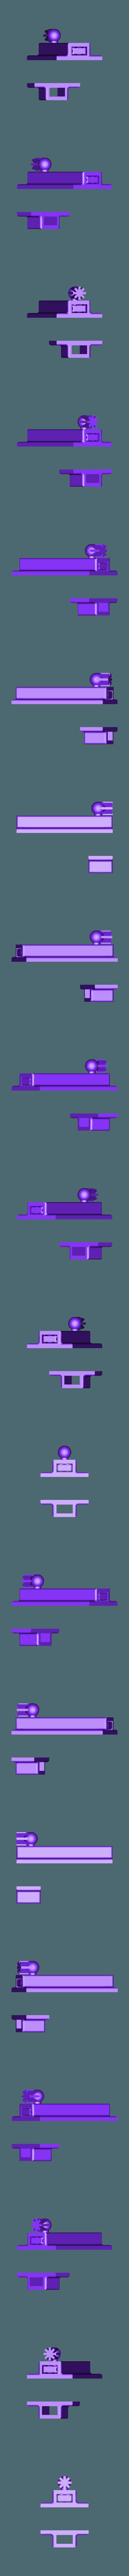 Assembled_sliding_door_bolt-_reduced_contact_bar.stl Télécharger fichier STL gratuit Verrou de porte coulissante Impression entièrement assemblée • Design à imprimer en 3D, Sagittario